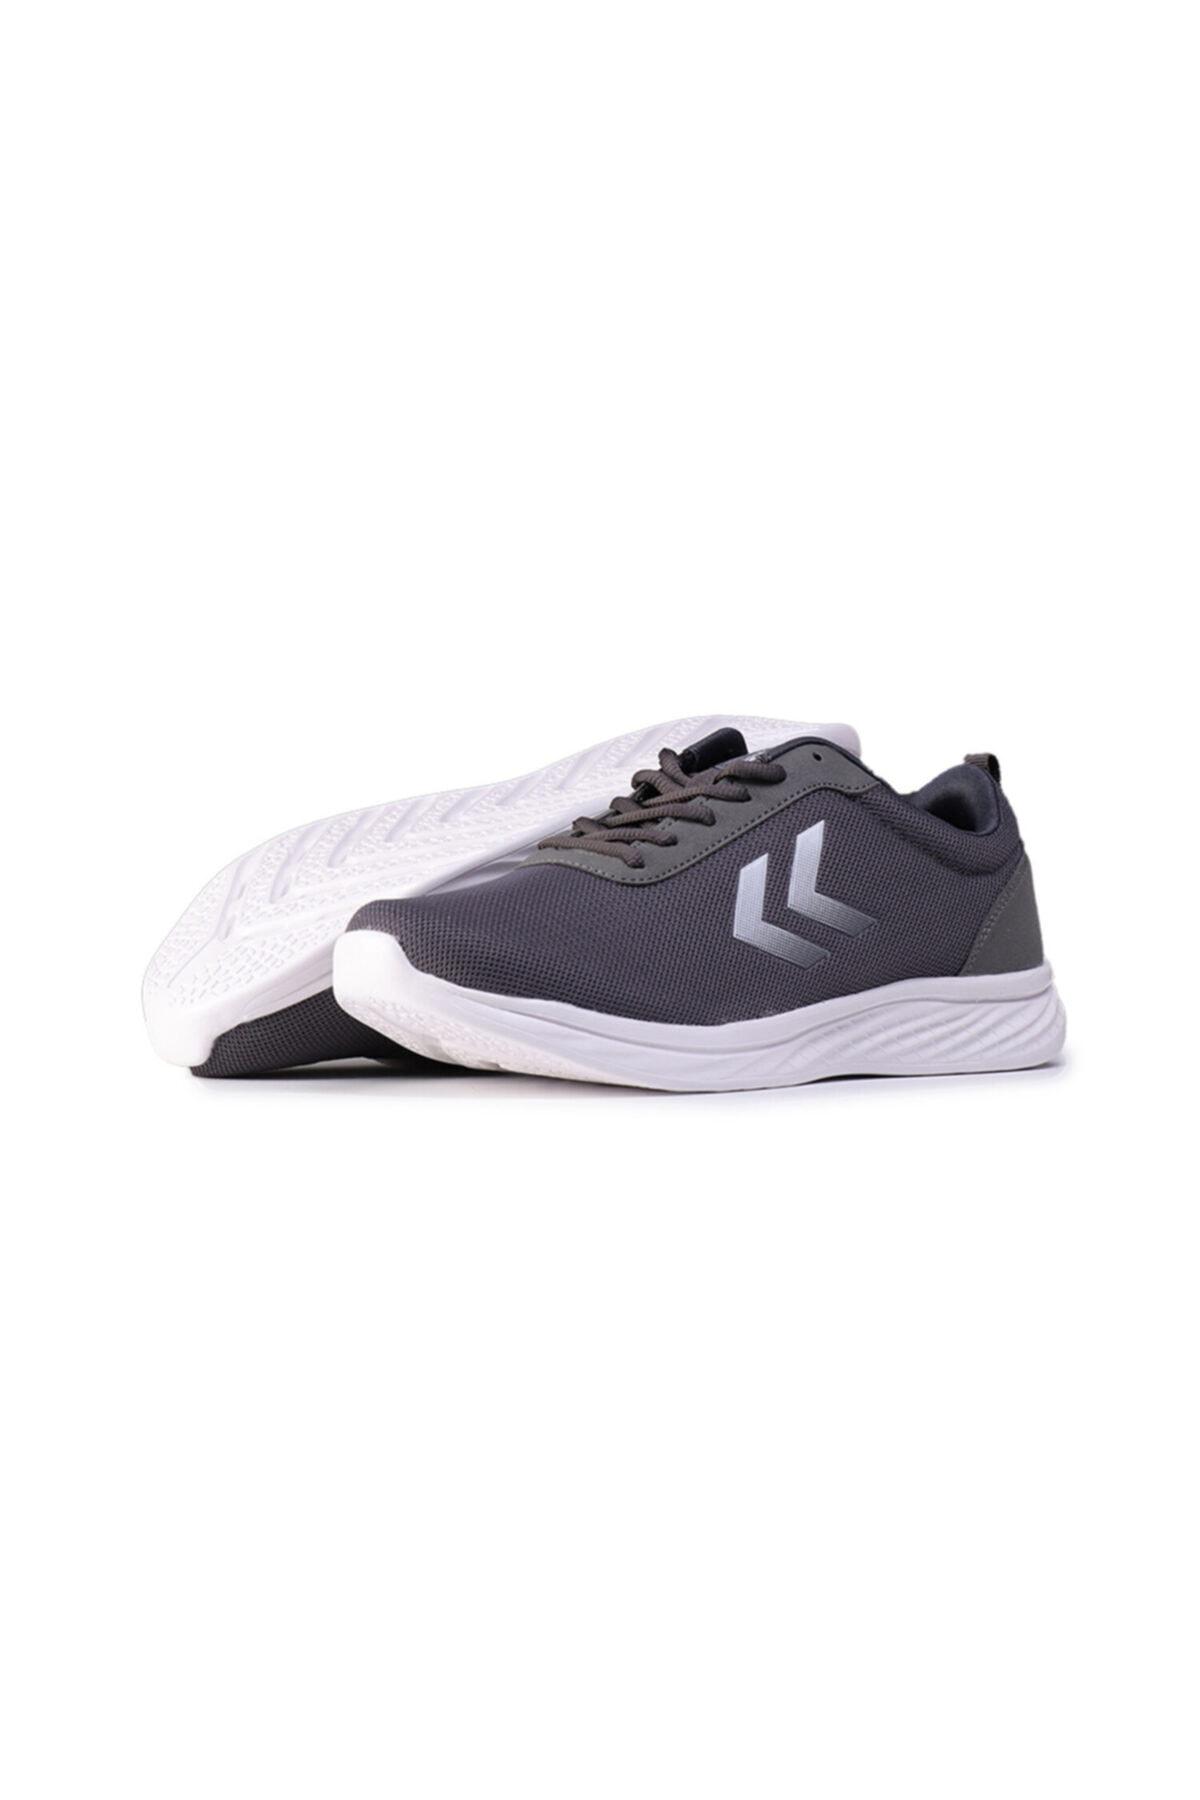 HUMMEL Aerolıte Iı Ayakkabı 1